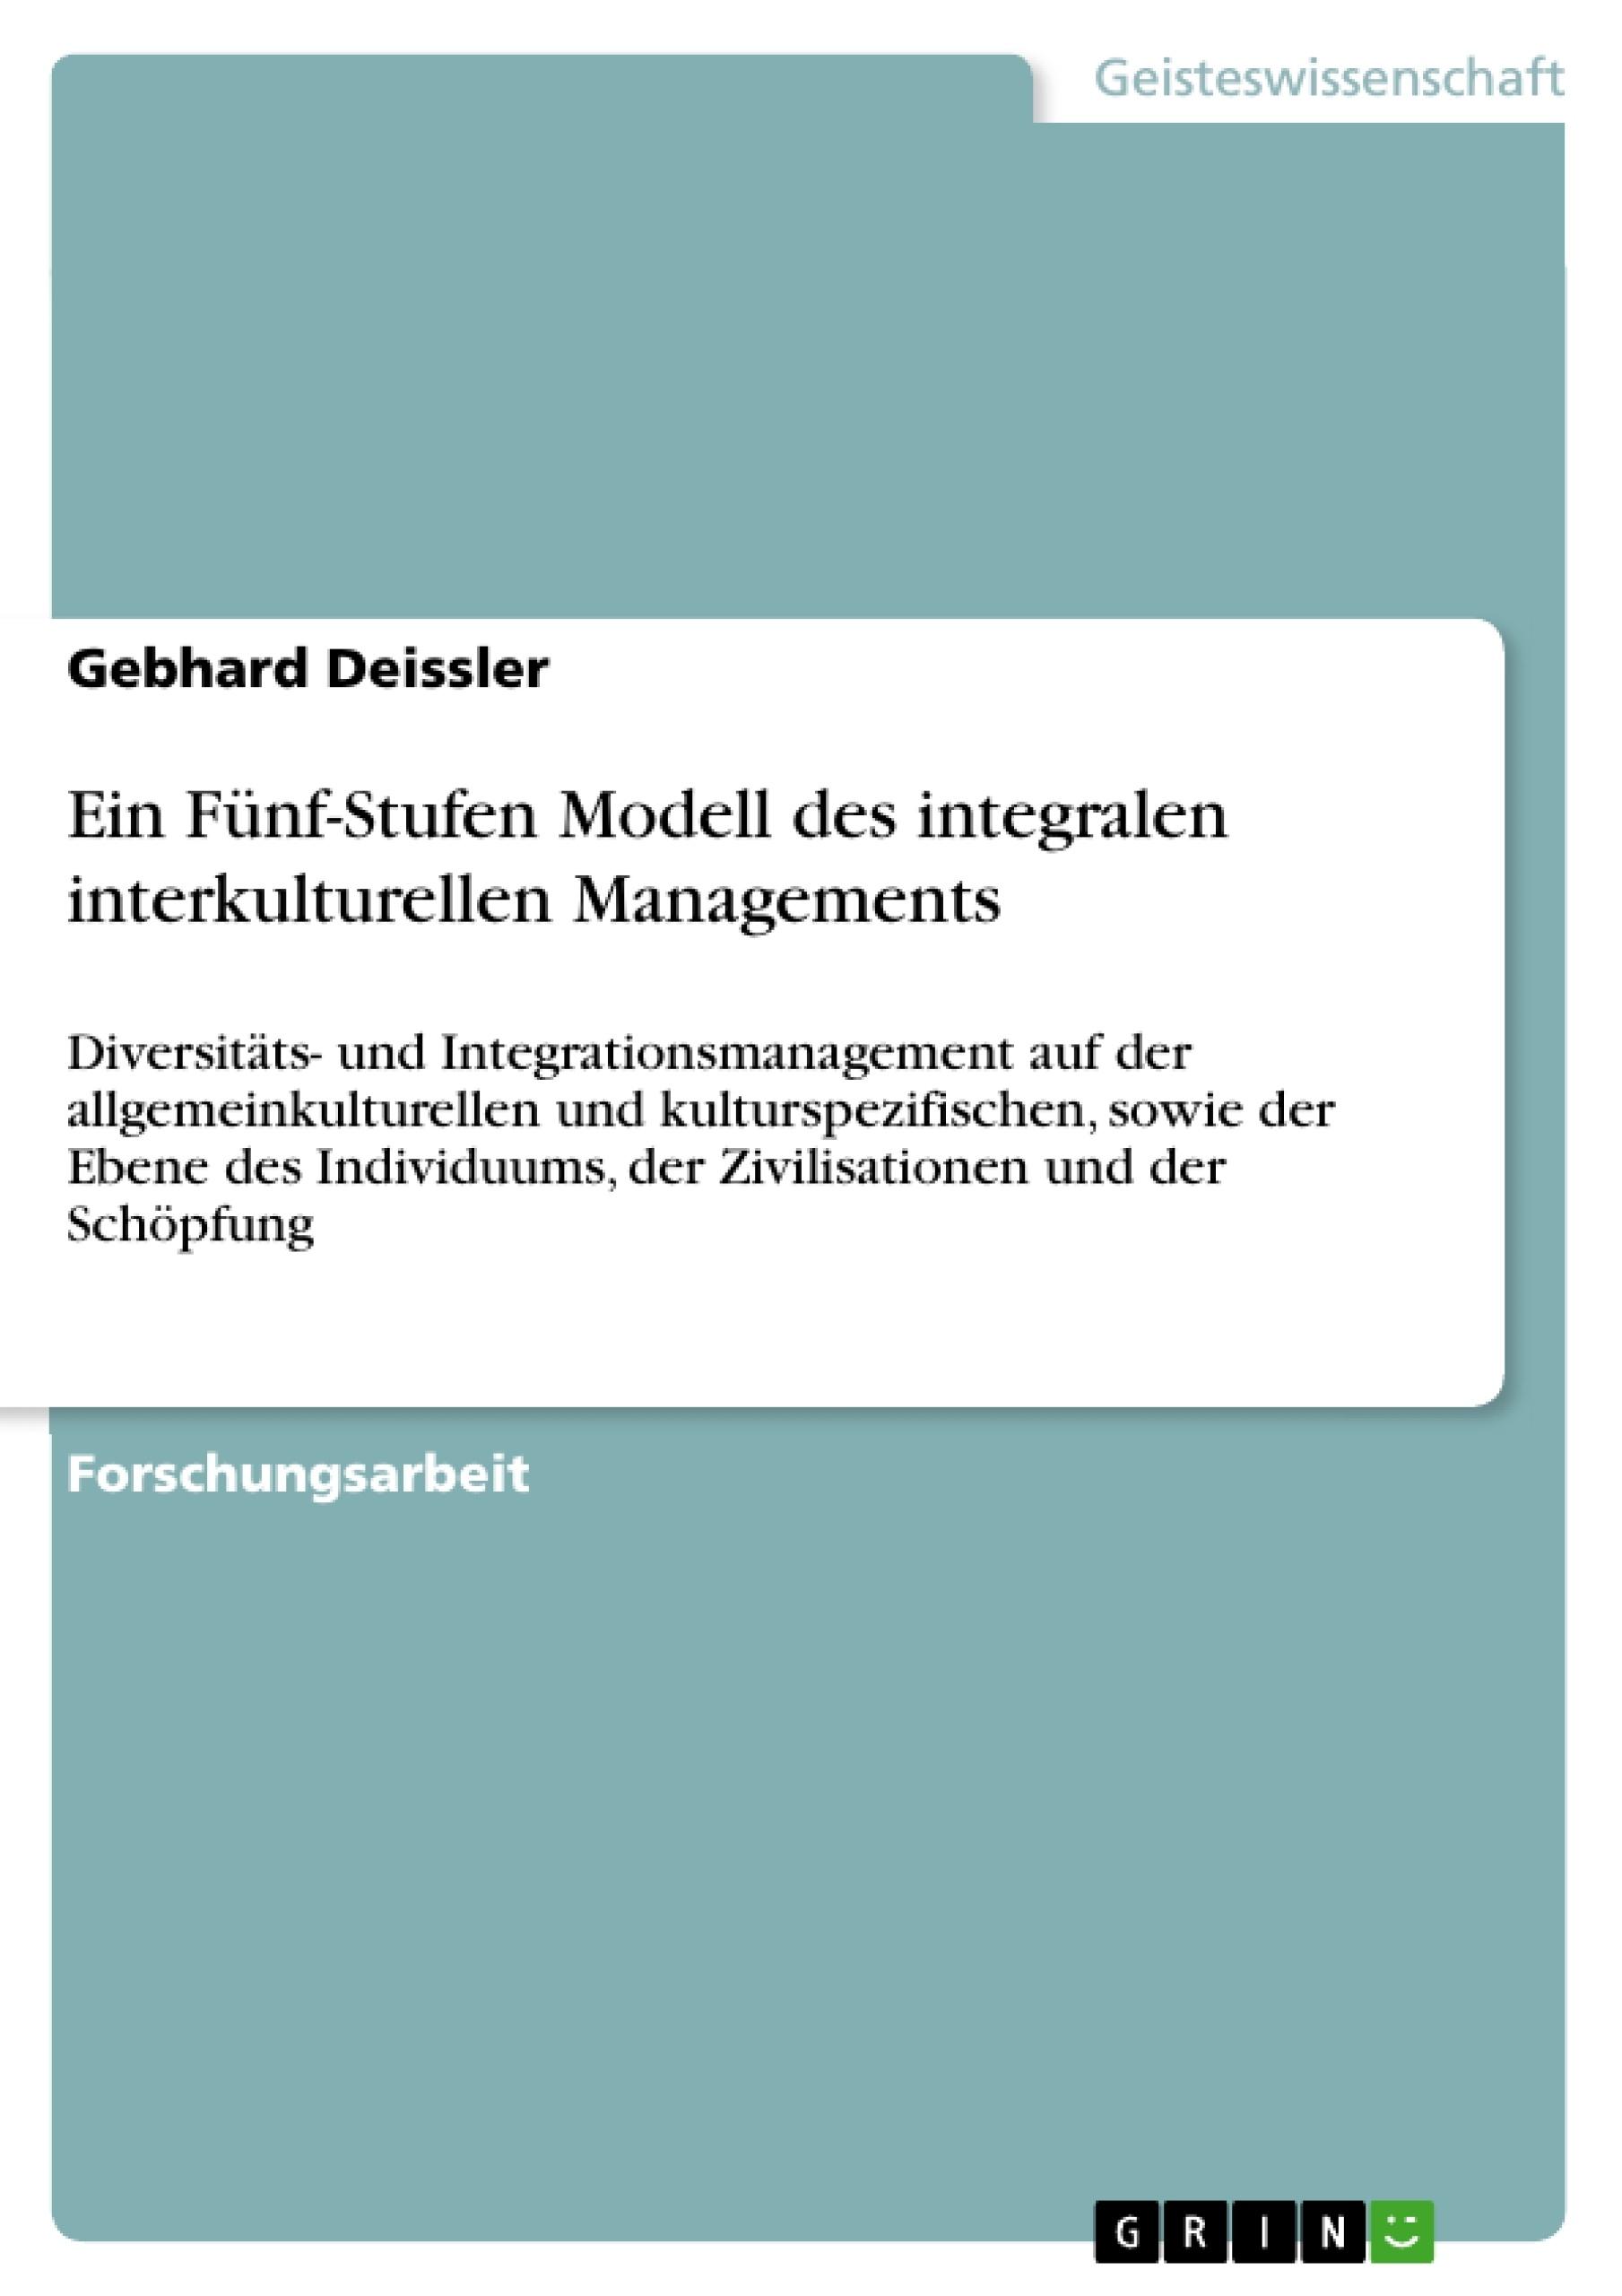 Titel: Ein Fünf-Stufen Modell des integralen interkulturellen Managements